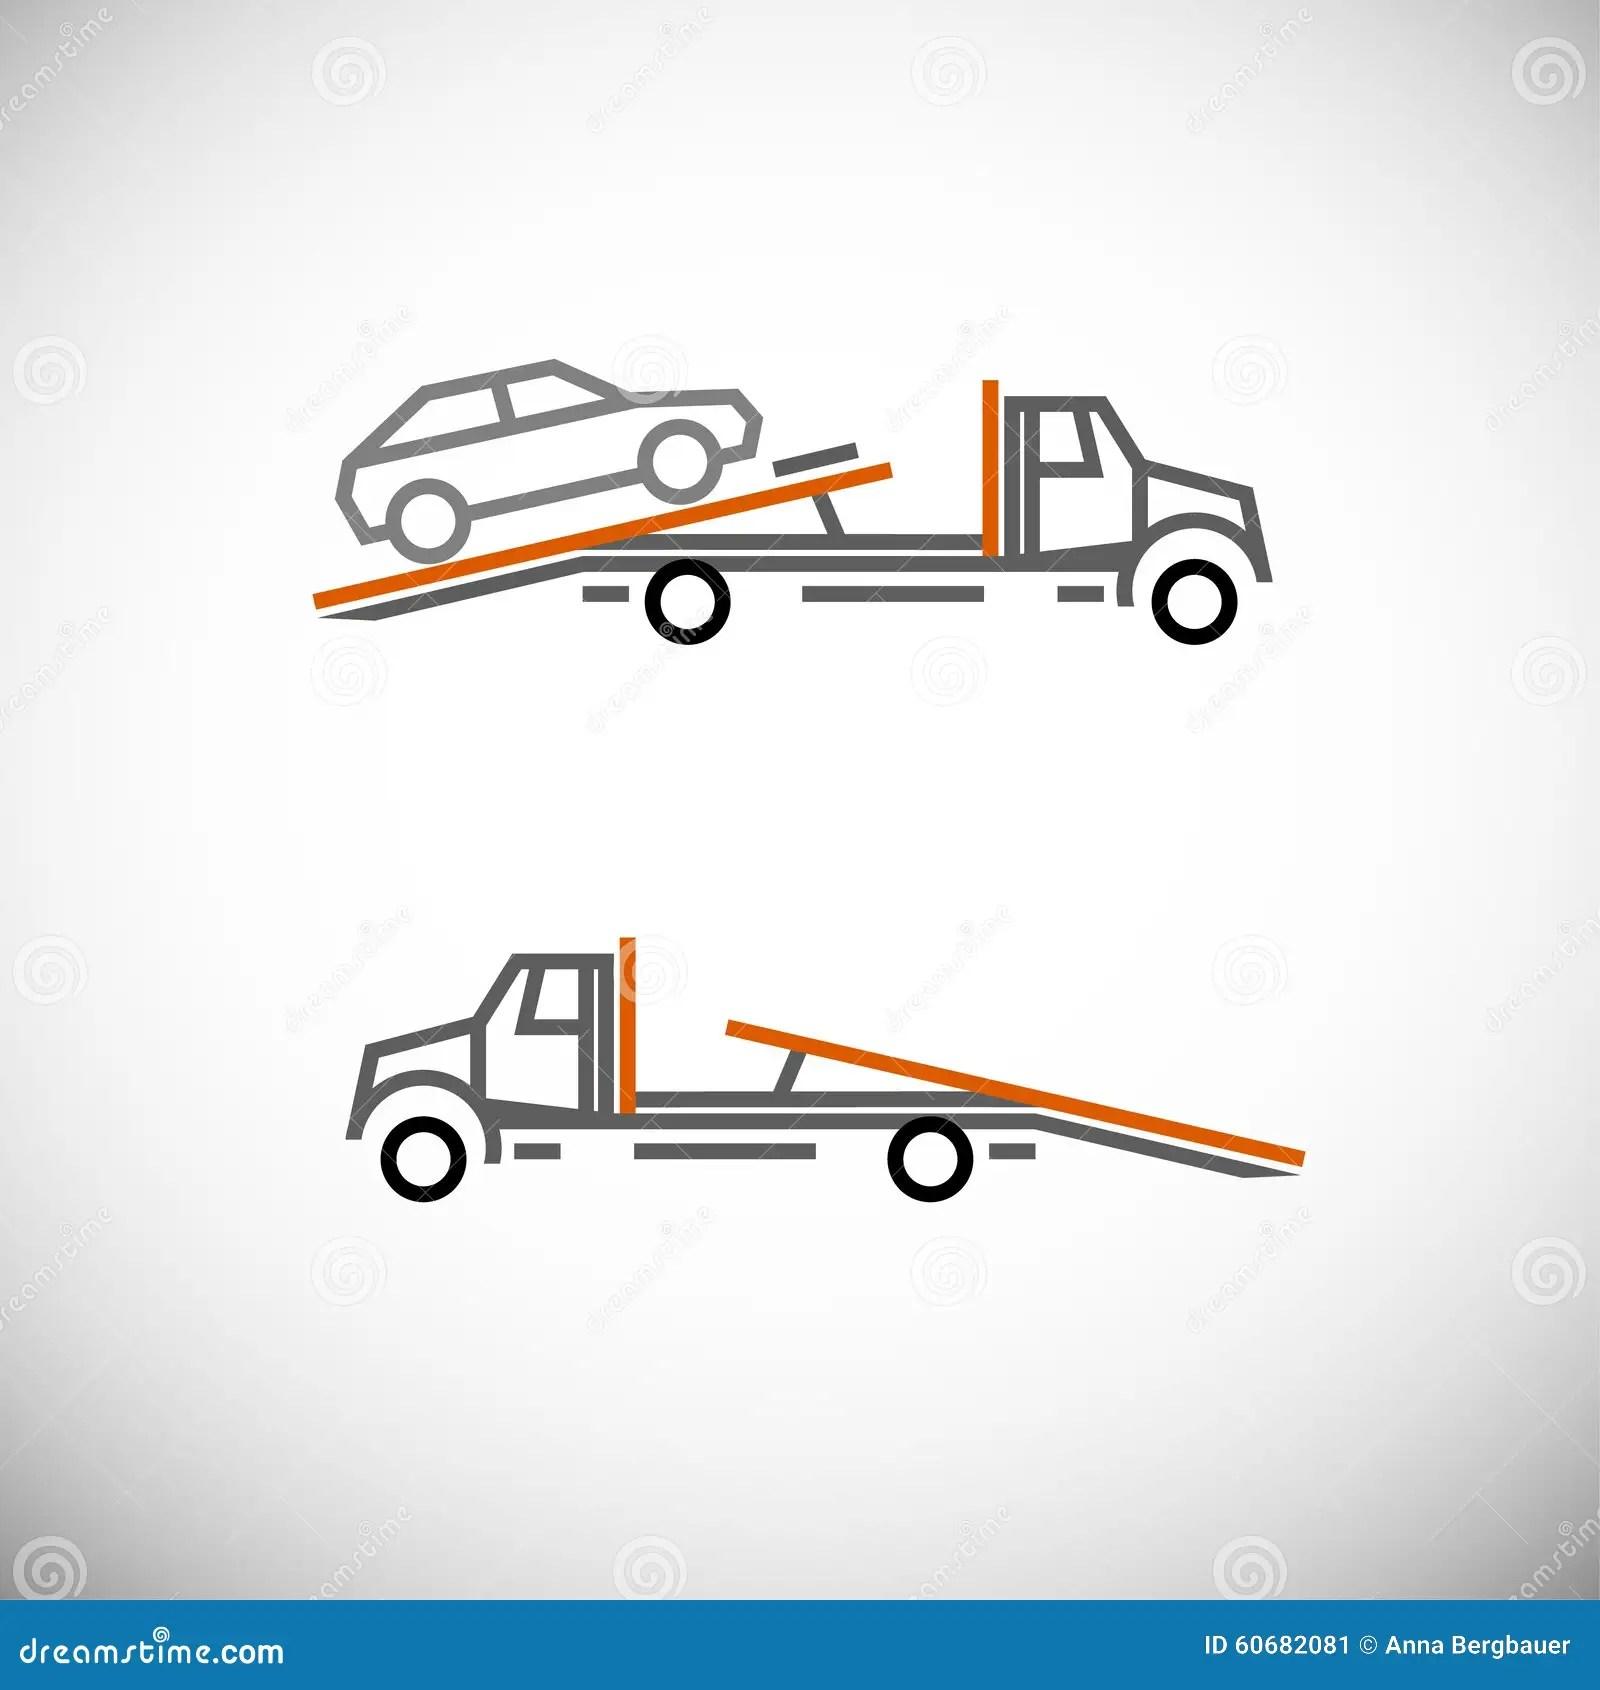 tow truck stock vector